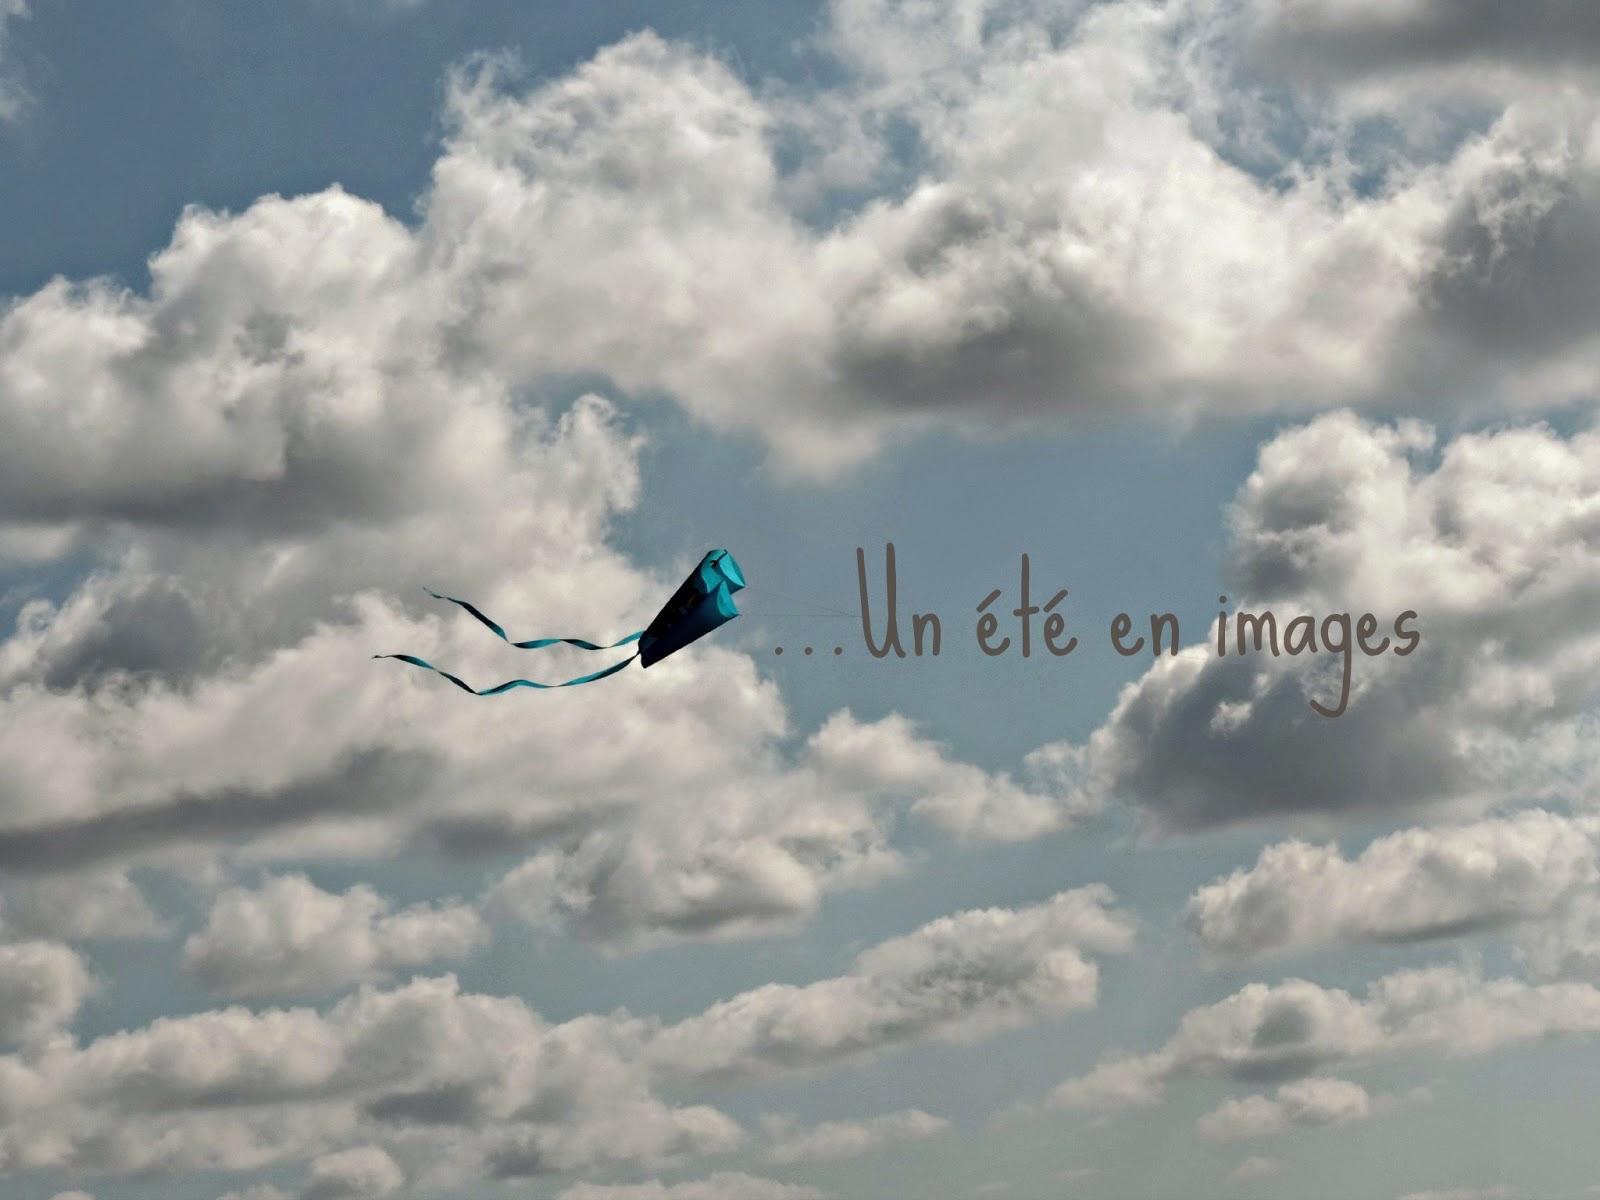 http://mynameisgeorges.blogspot.com/2014/09/quand-vient-la-fin-de-lete.html